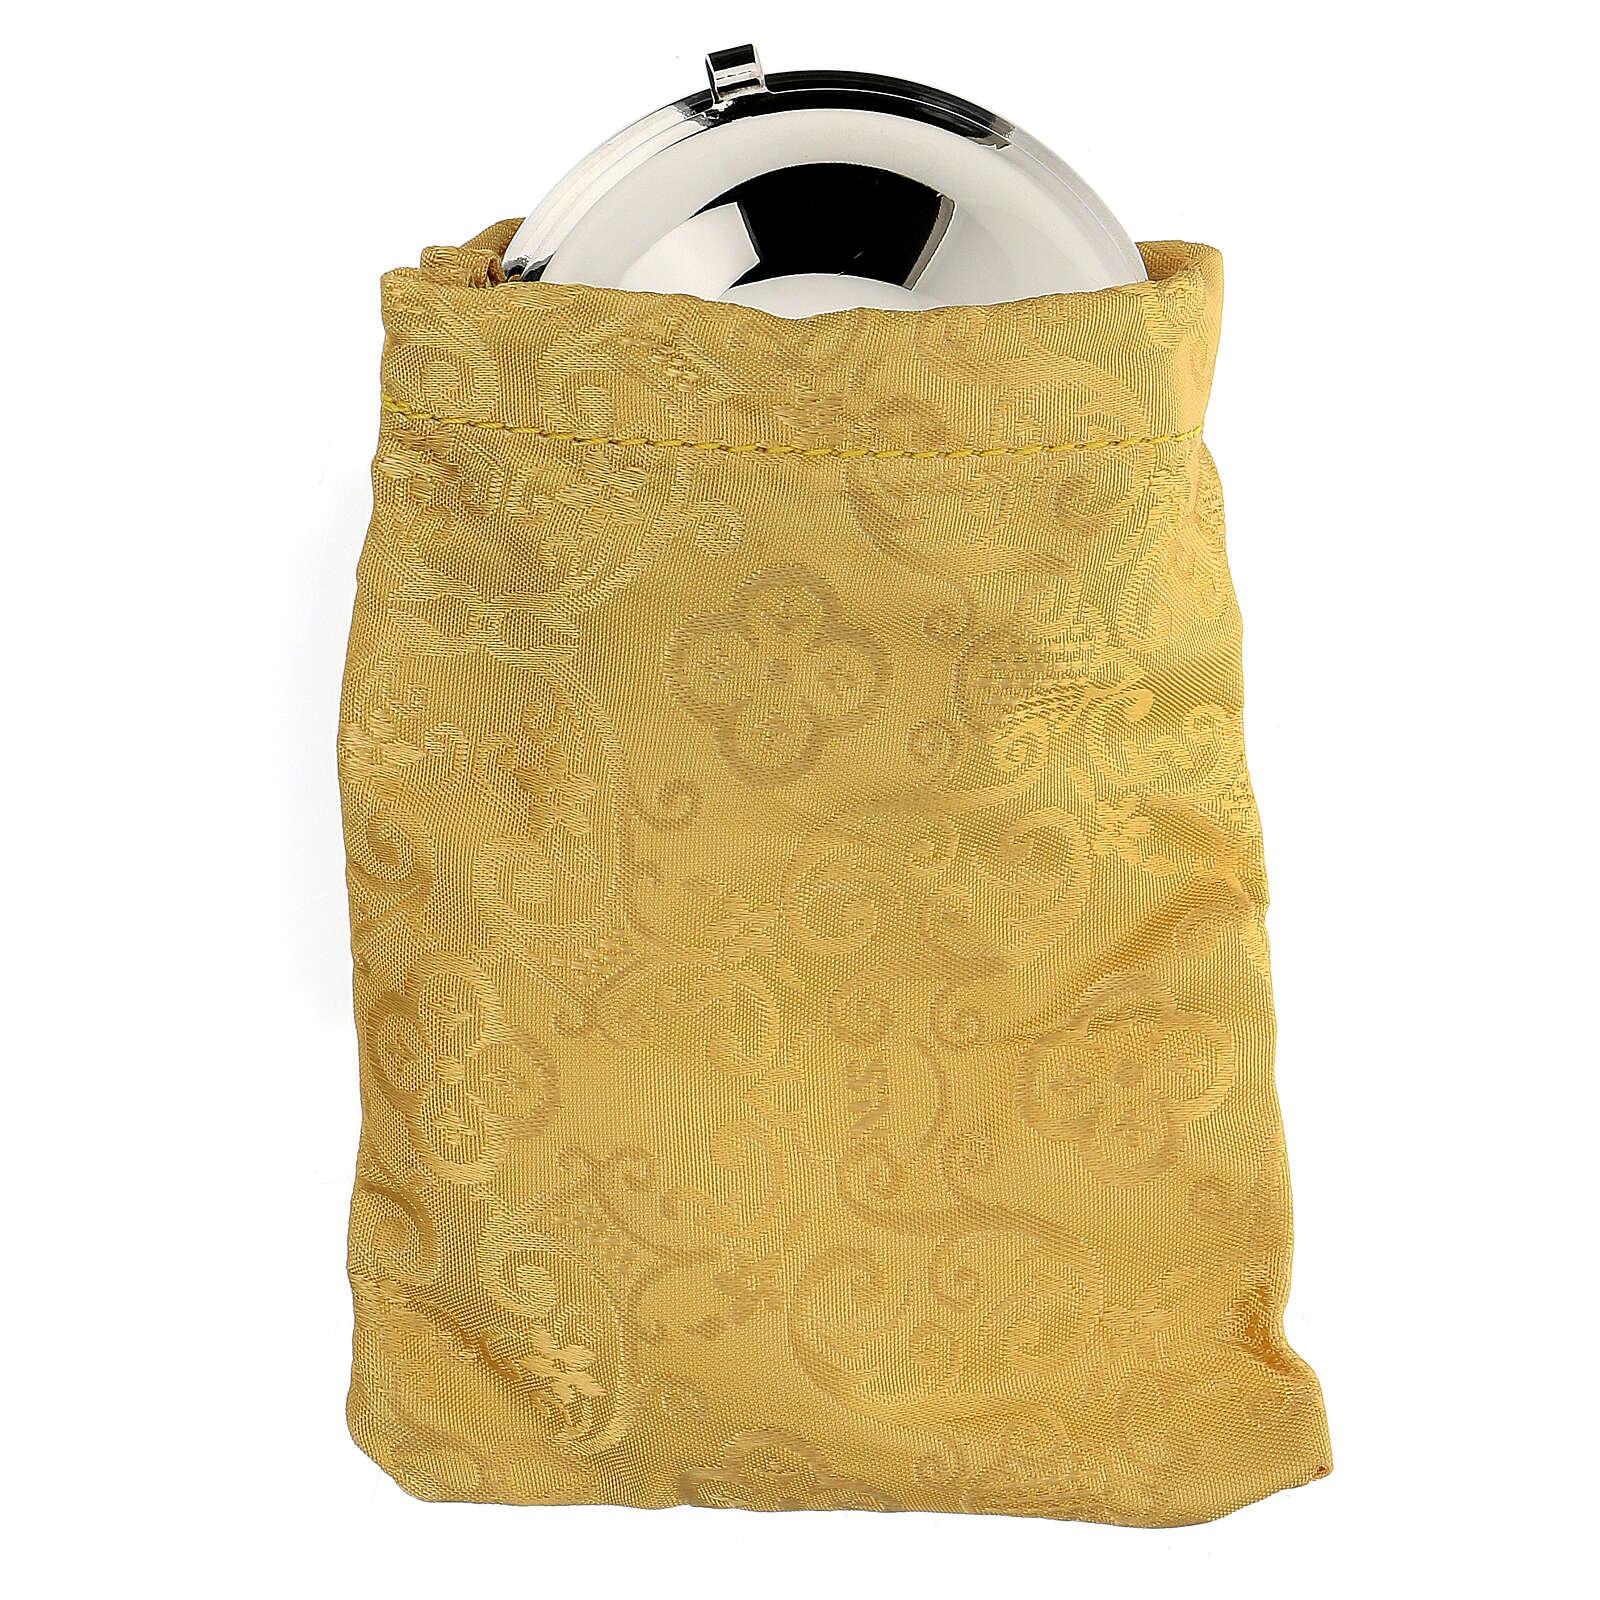 Relicario plateado con cruz esmaltada y bolsita amarilla 3